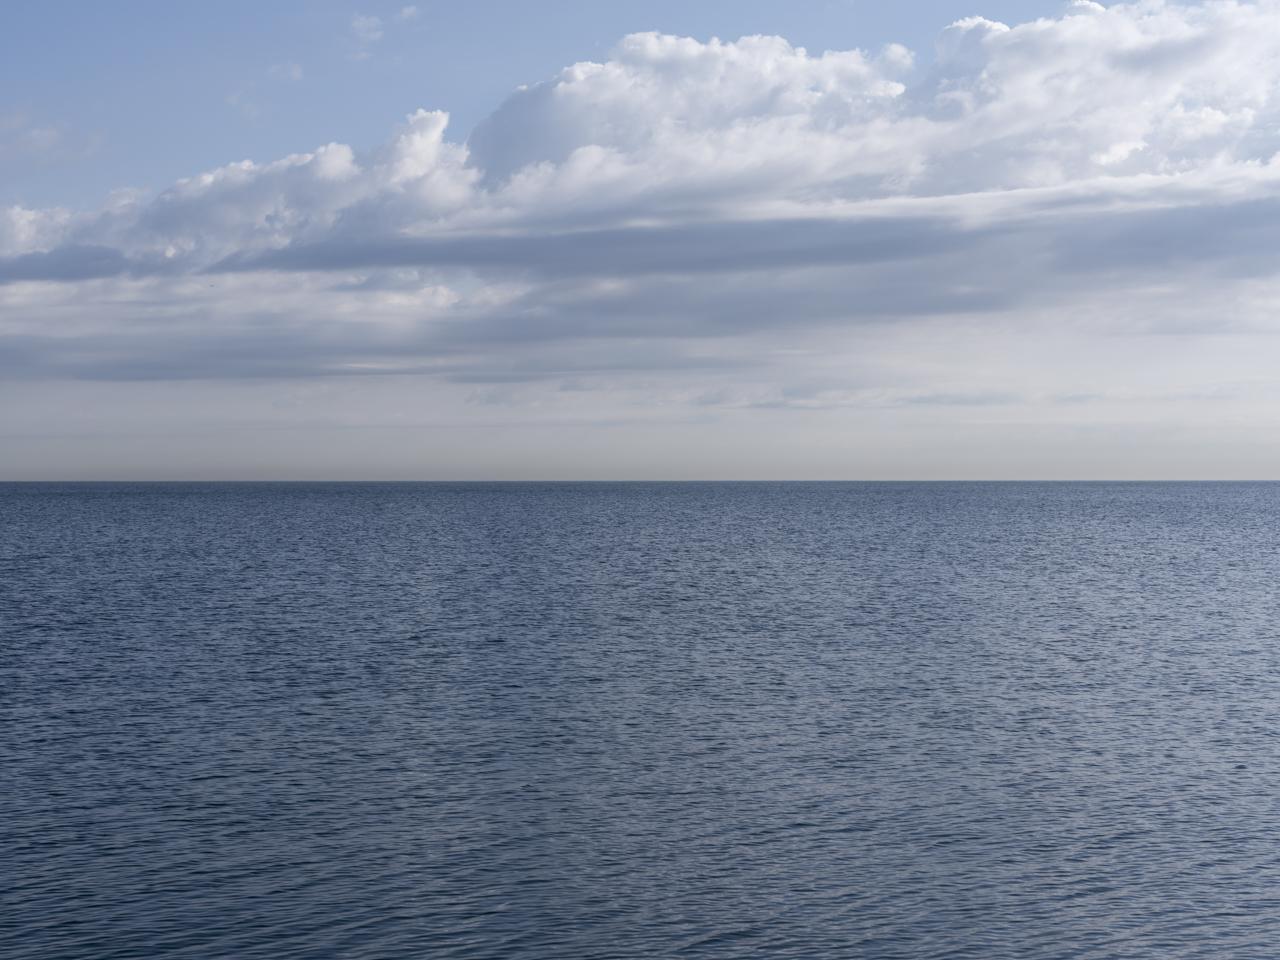 clouds in a blue sky over a still lake michigan